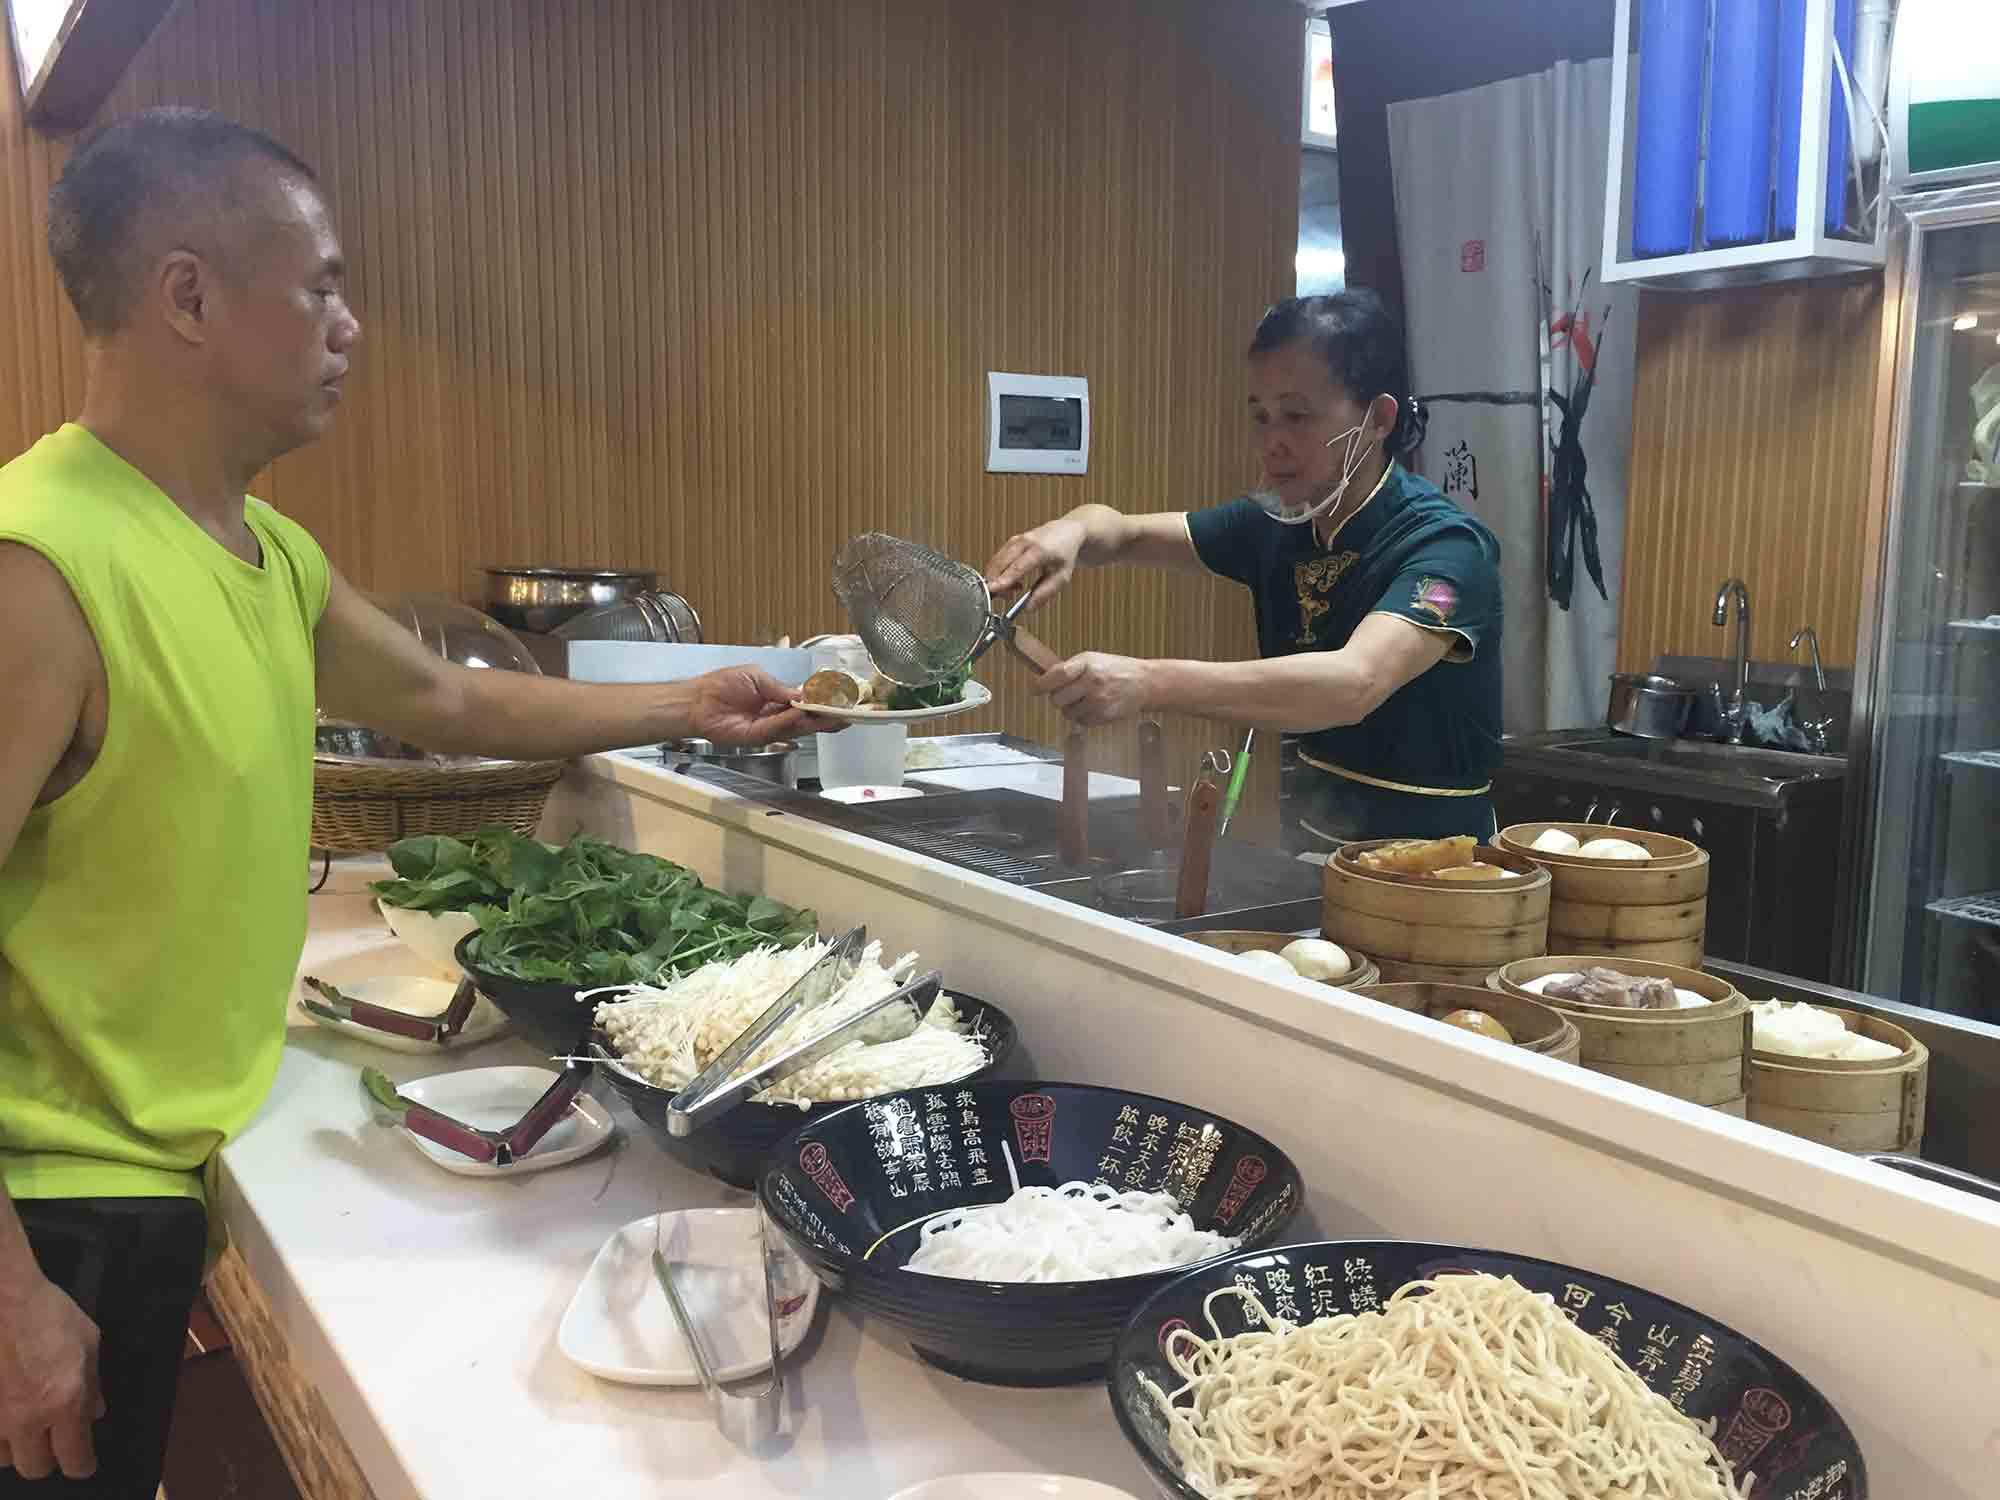 今天在國內吃素無難度! (3) – 先天知命六壬仙道壇